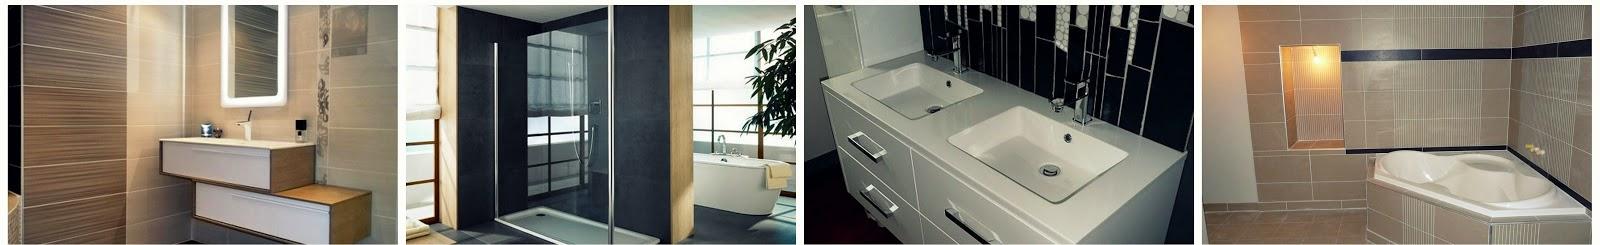 La rénovation salle de bain